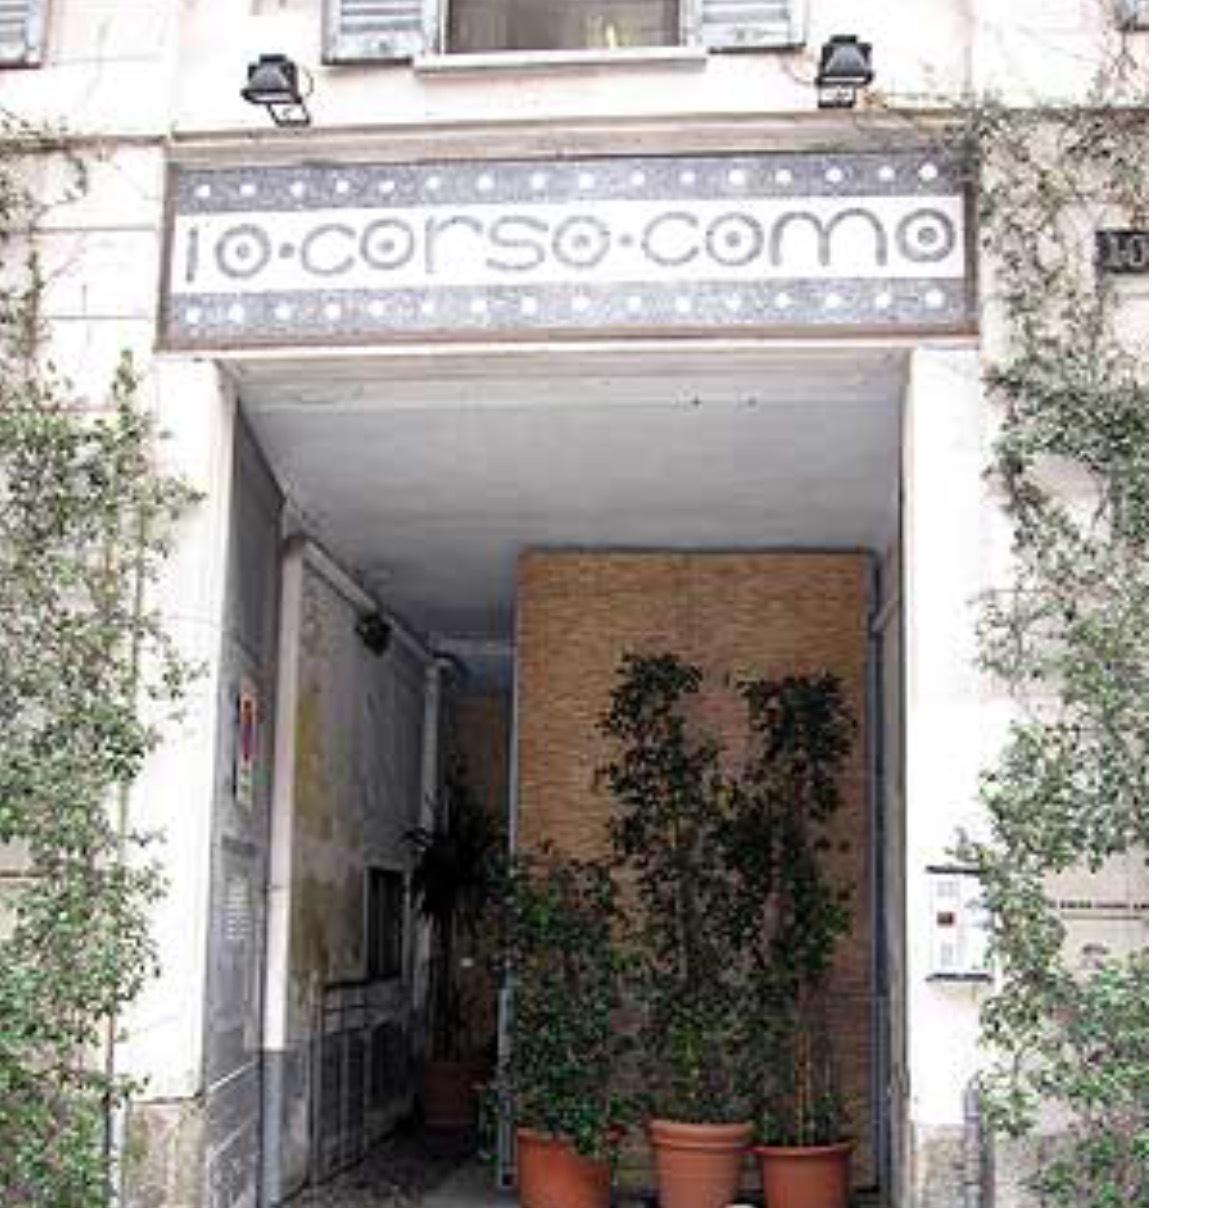 冬のイタリア旅・最終回…10corsocomoのホテル_b0210699_08383743.png